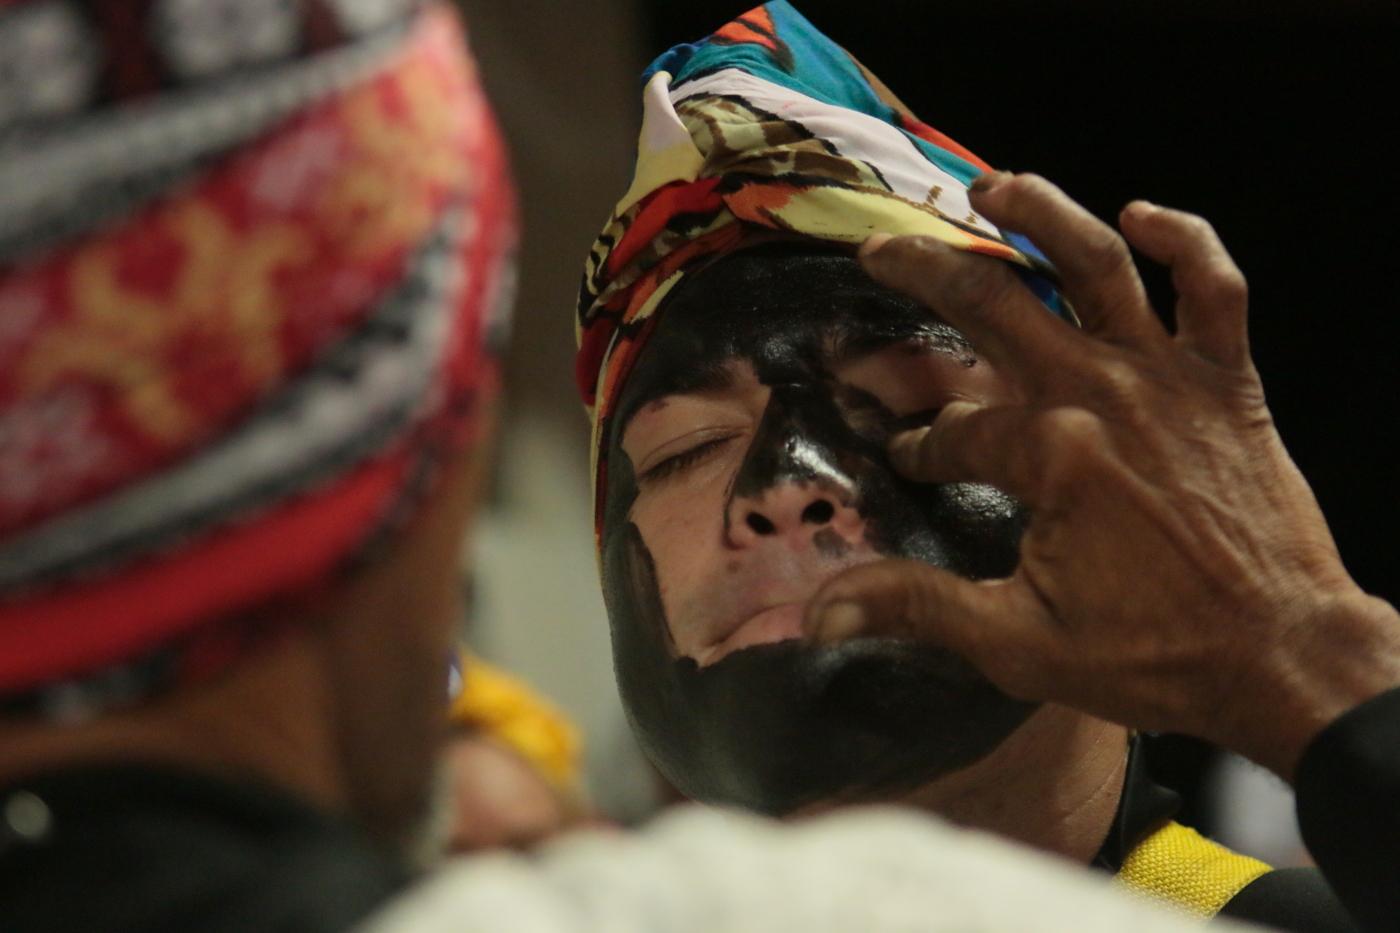 O Dia da Consciência Negra, 20 de outubro, será celebrado com uma programação especial nos equipamentos da Secretaria da Cultura do Estado do Ceará